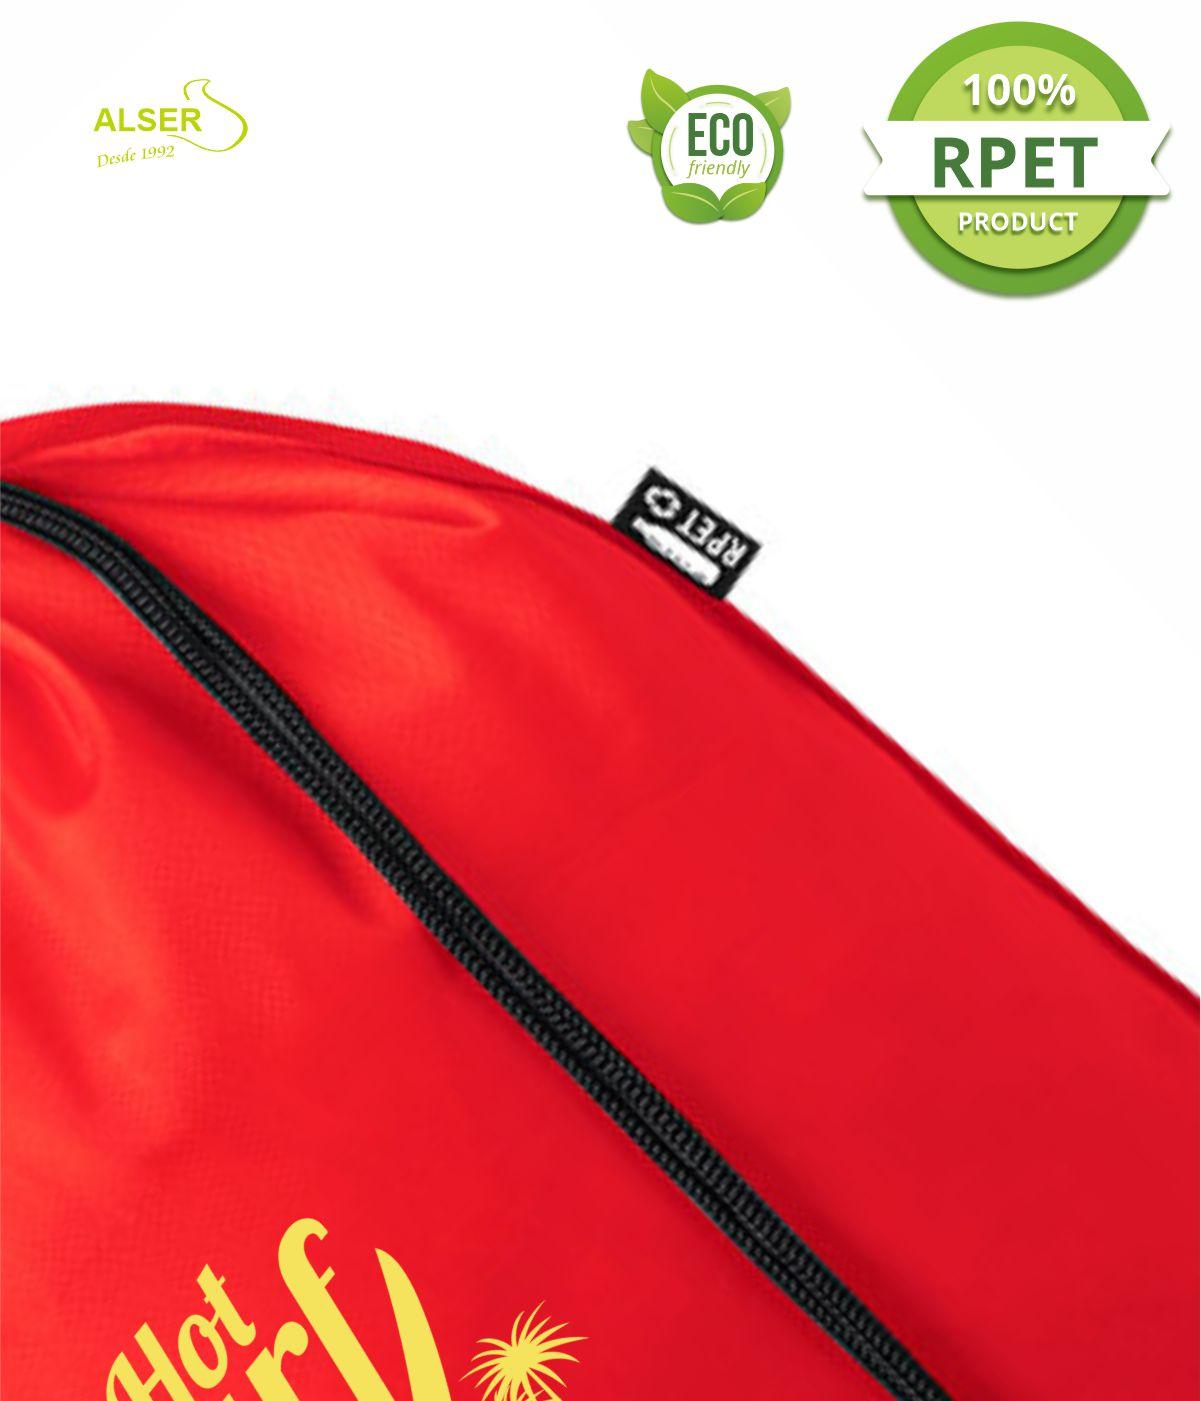 mochila saco rpet para publicidad detalle etiqueta